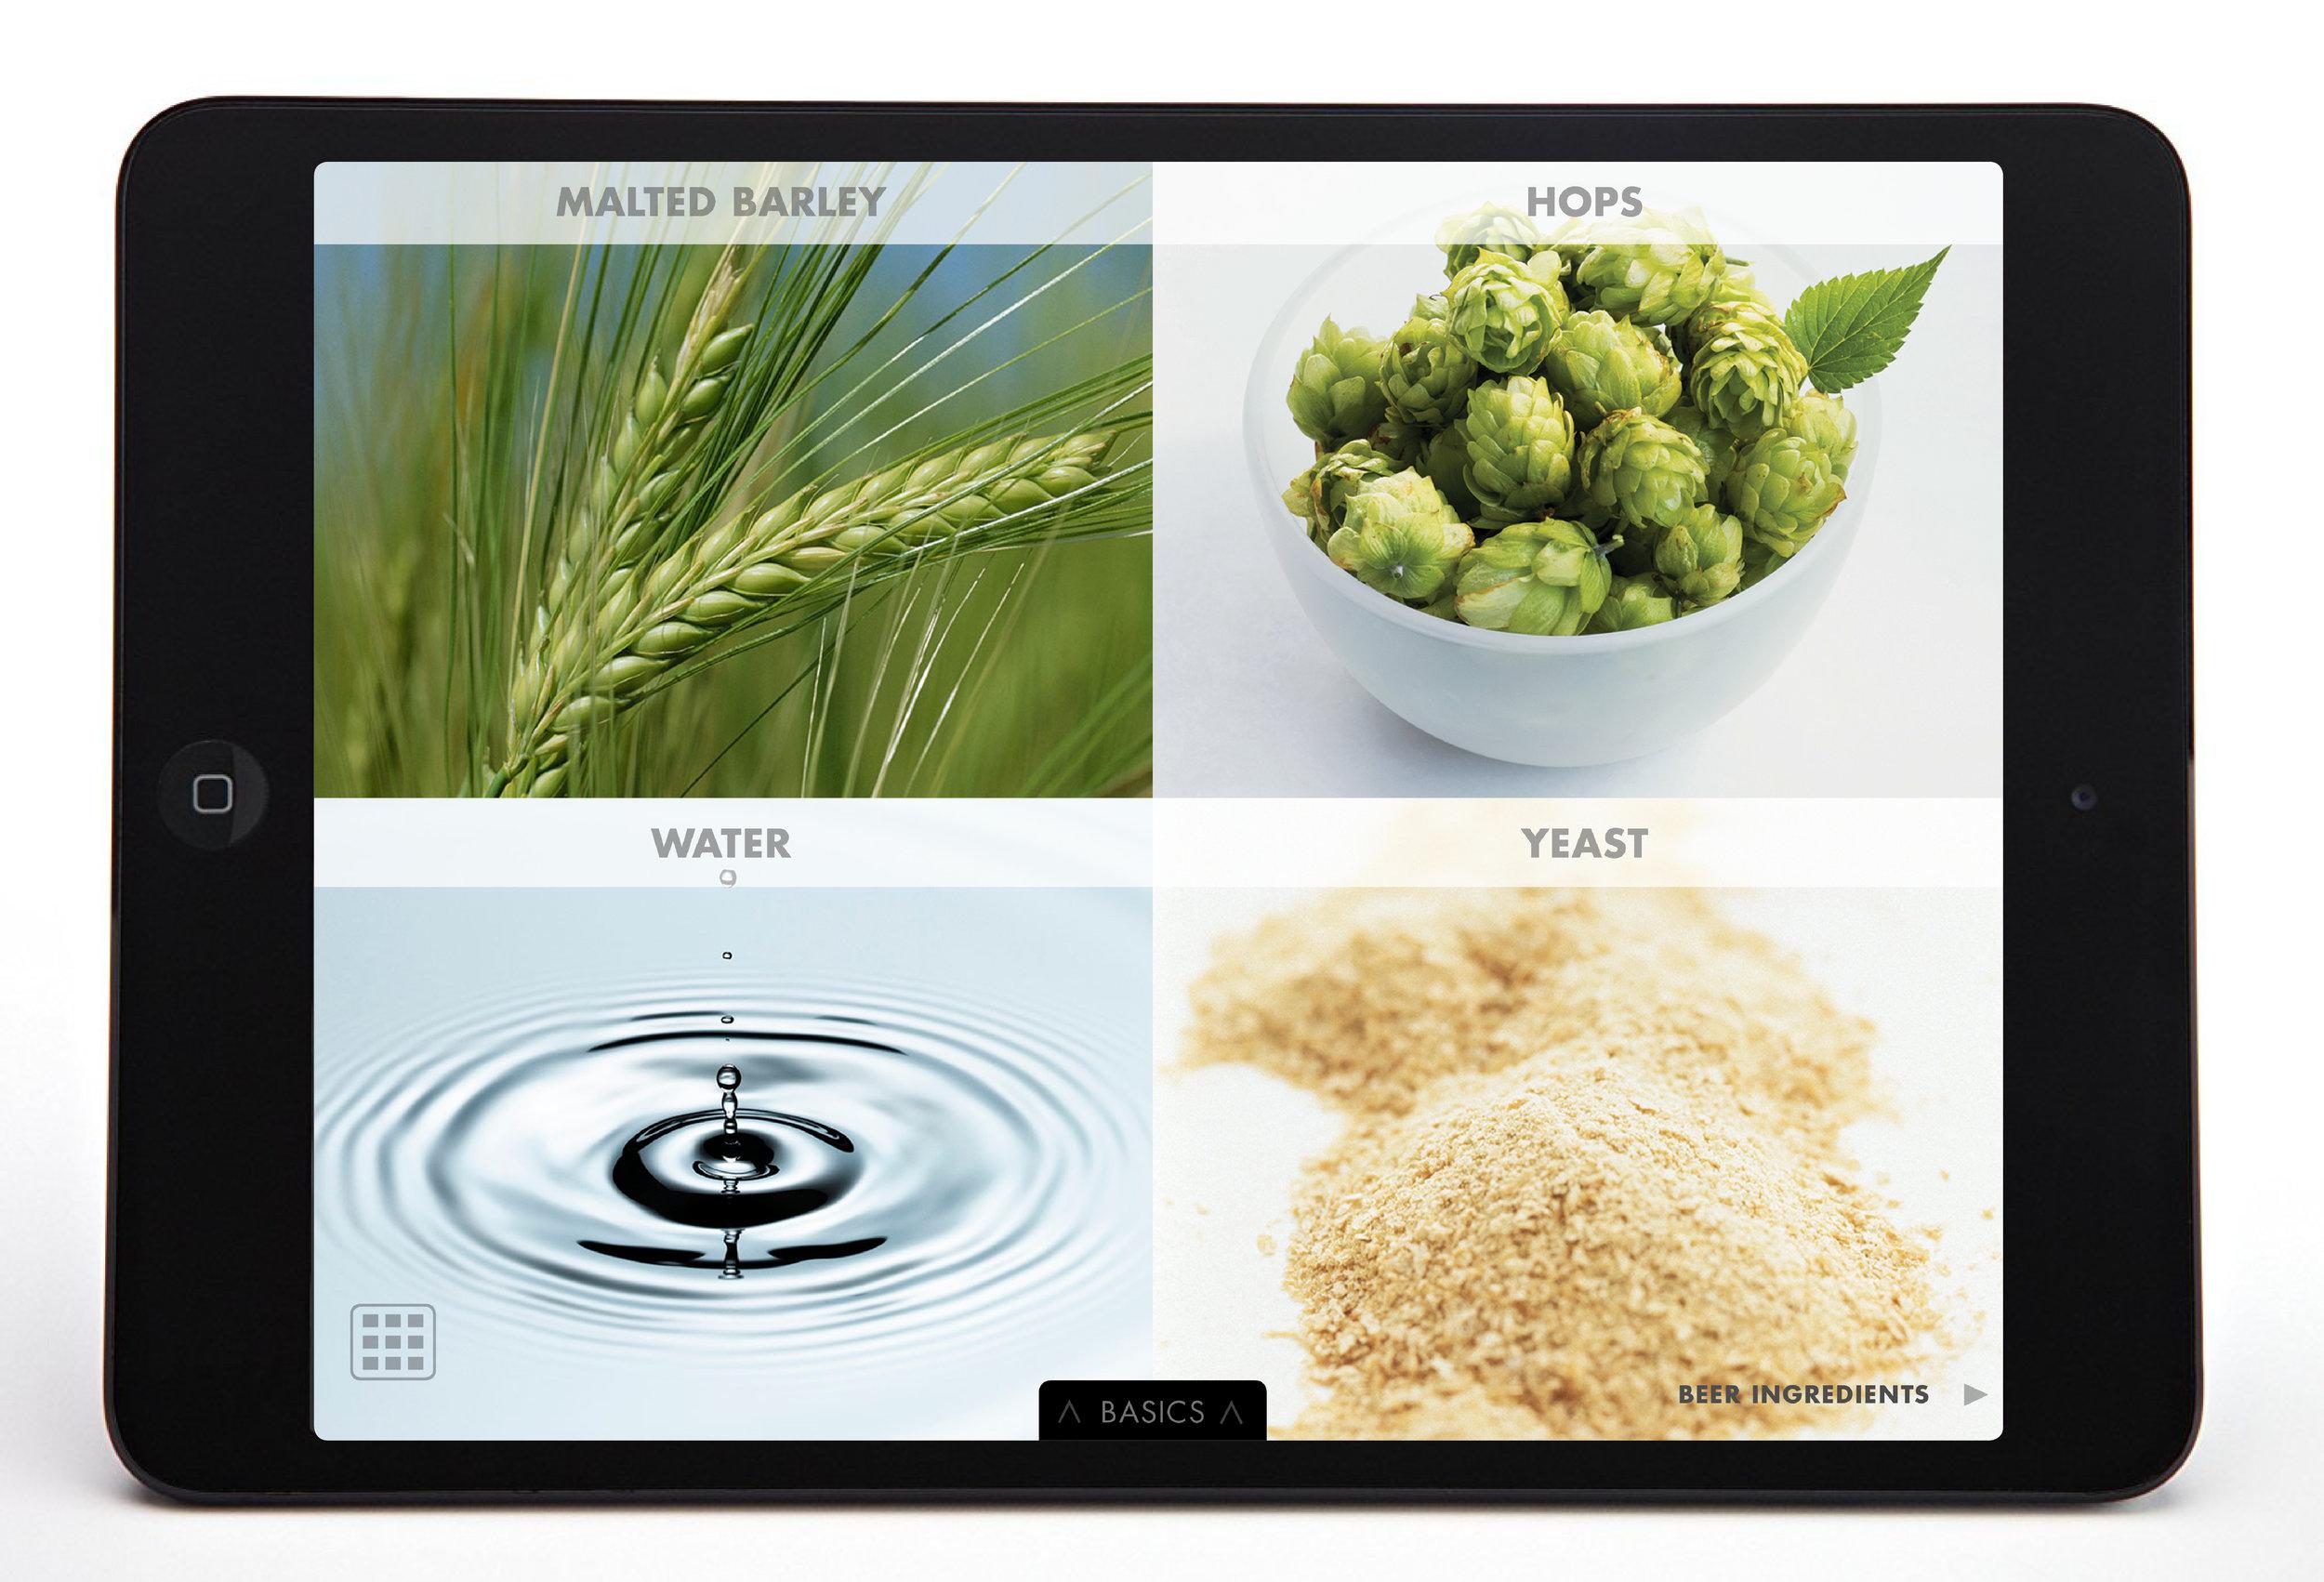 Heineken-food&beer pairing-interactive book7.jpg